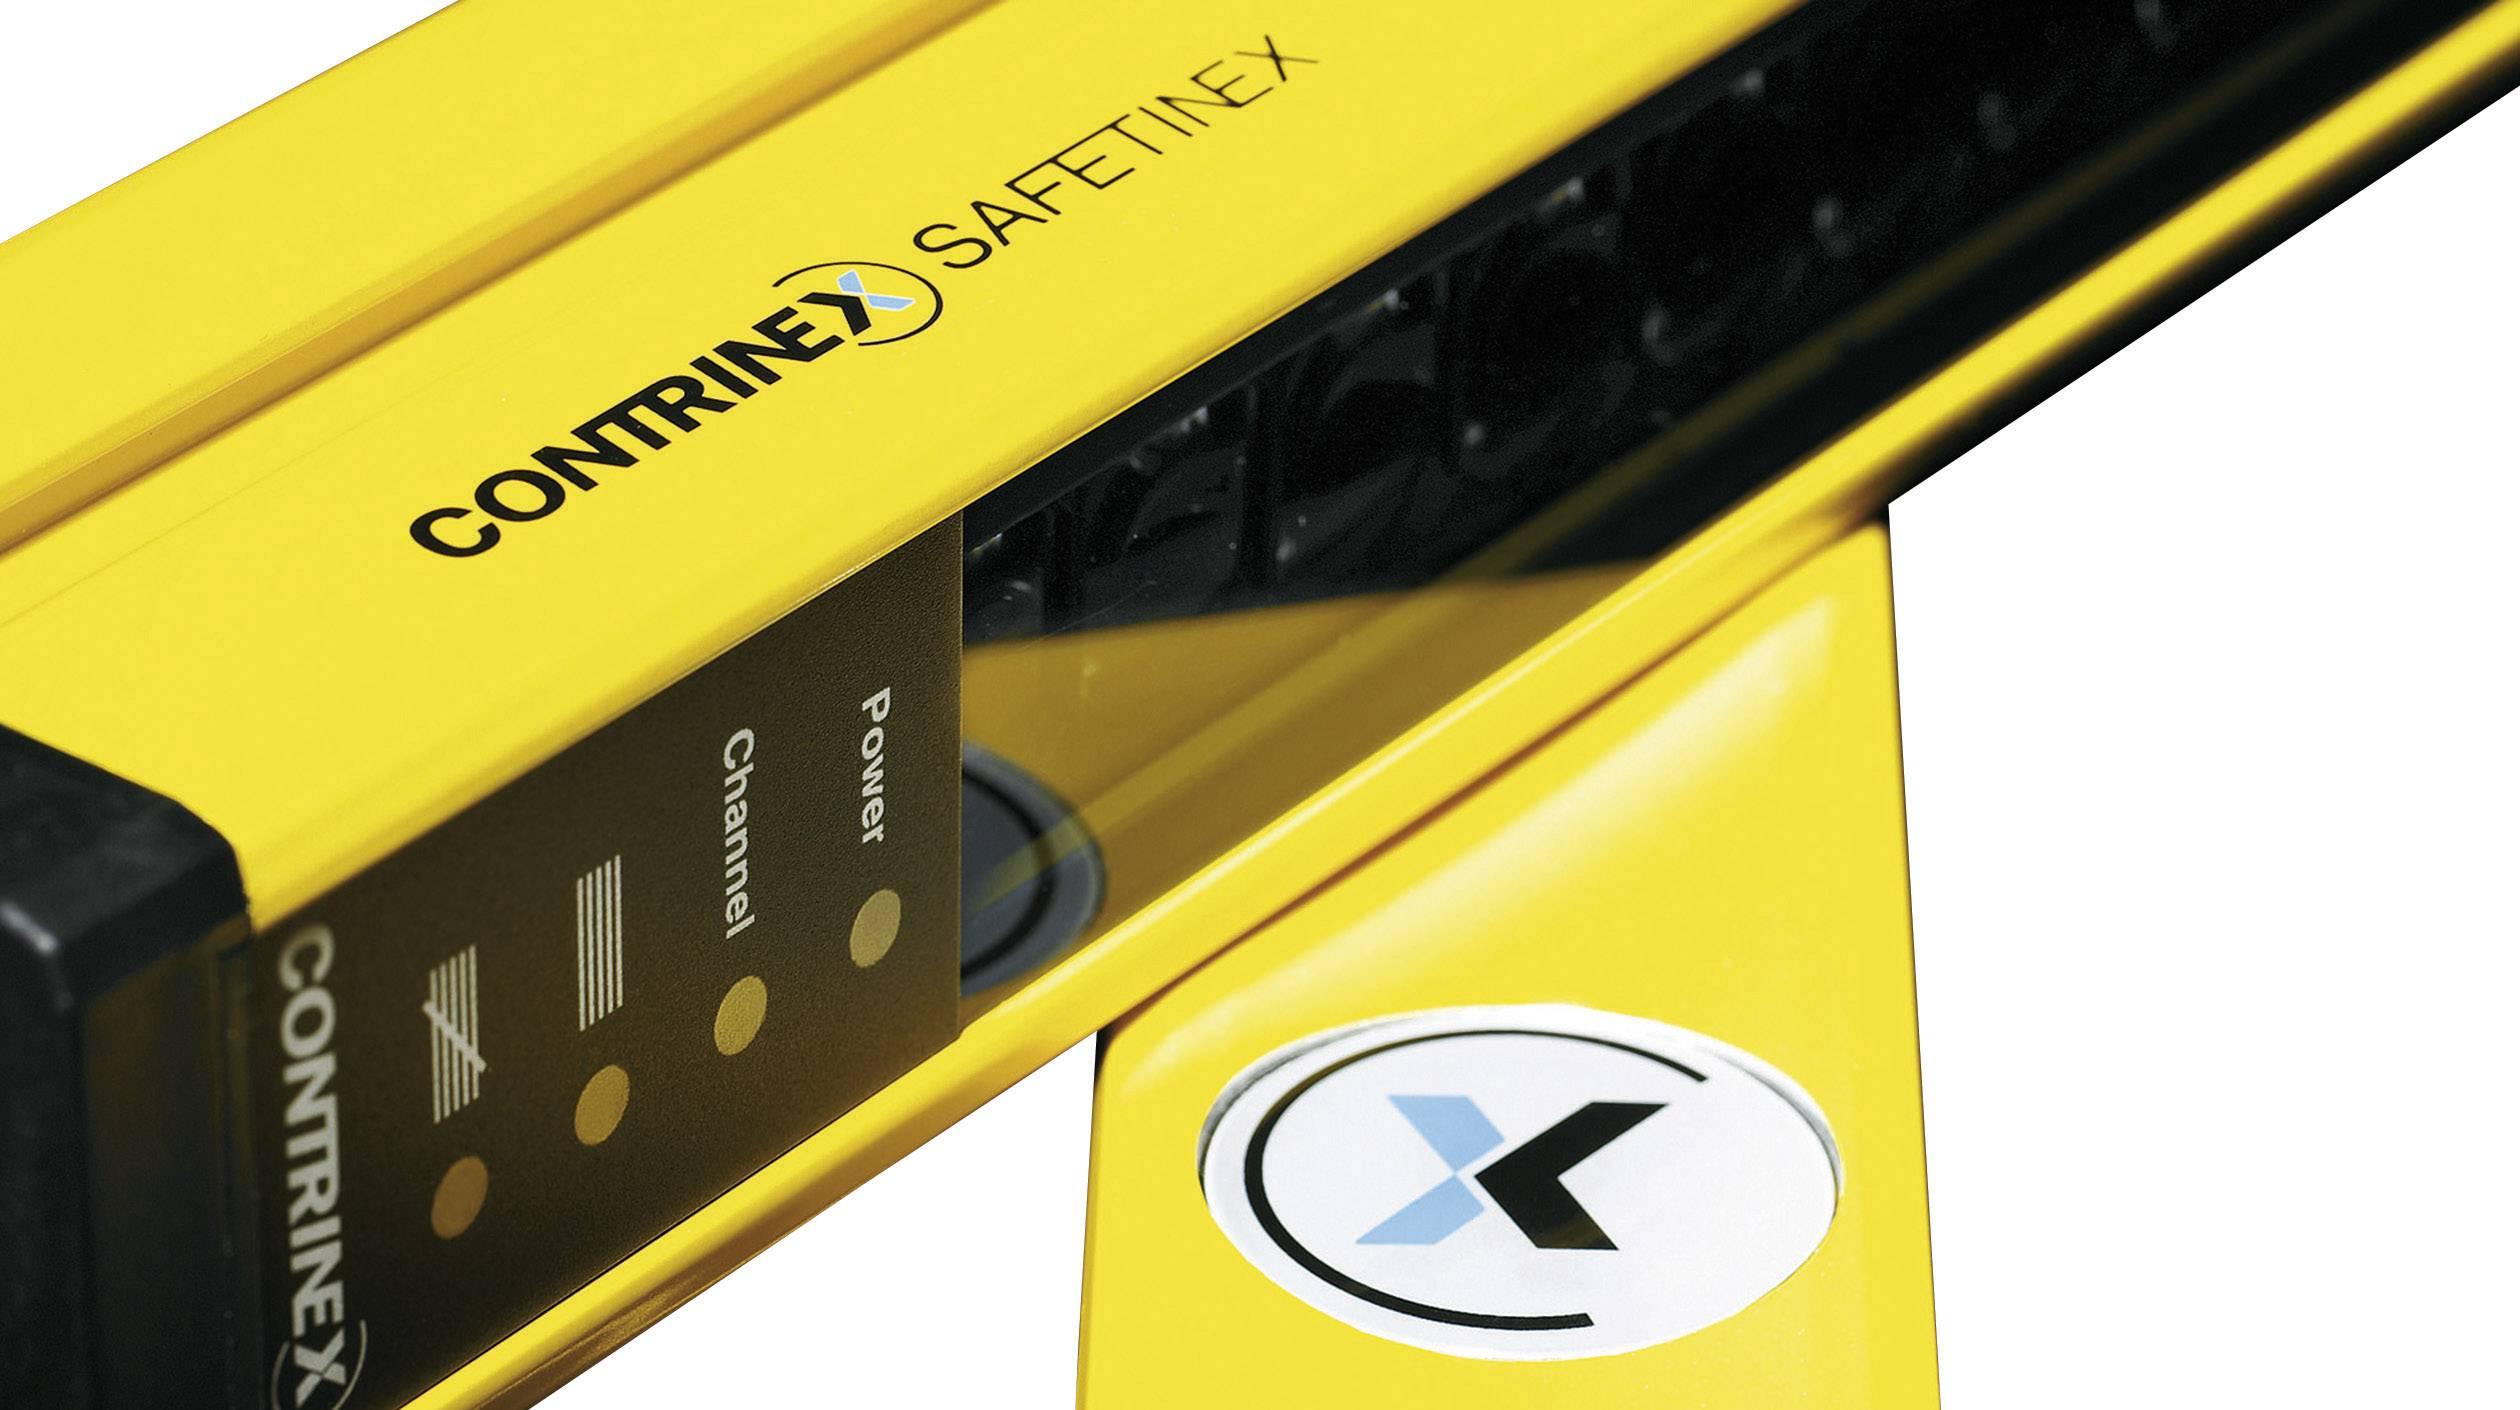 Bezpečnostní světelná závora pro ochranu rukou Contrinex YBB-30S4-0900-G012 630 000 591